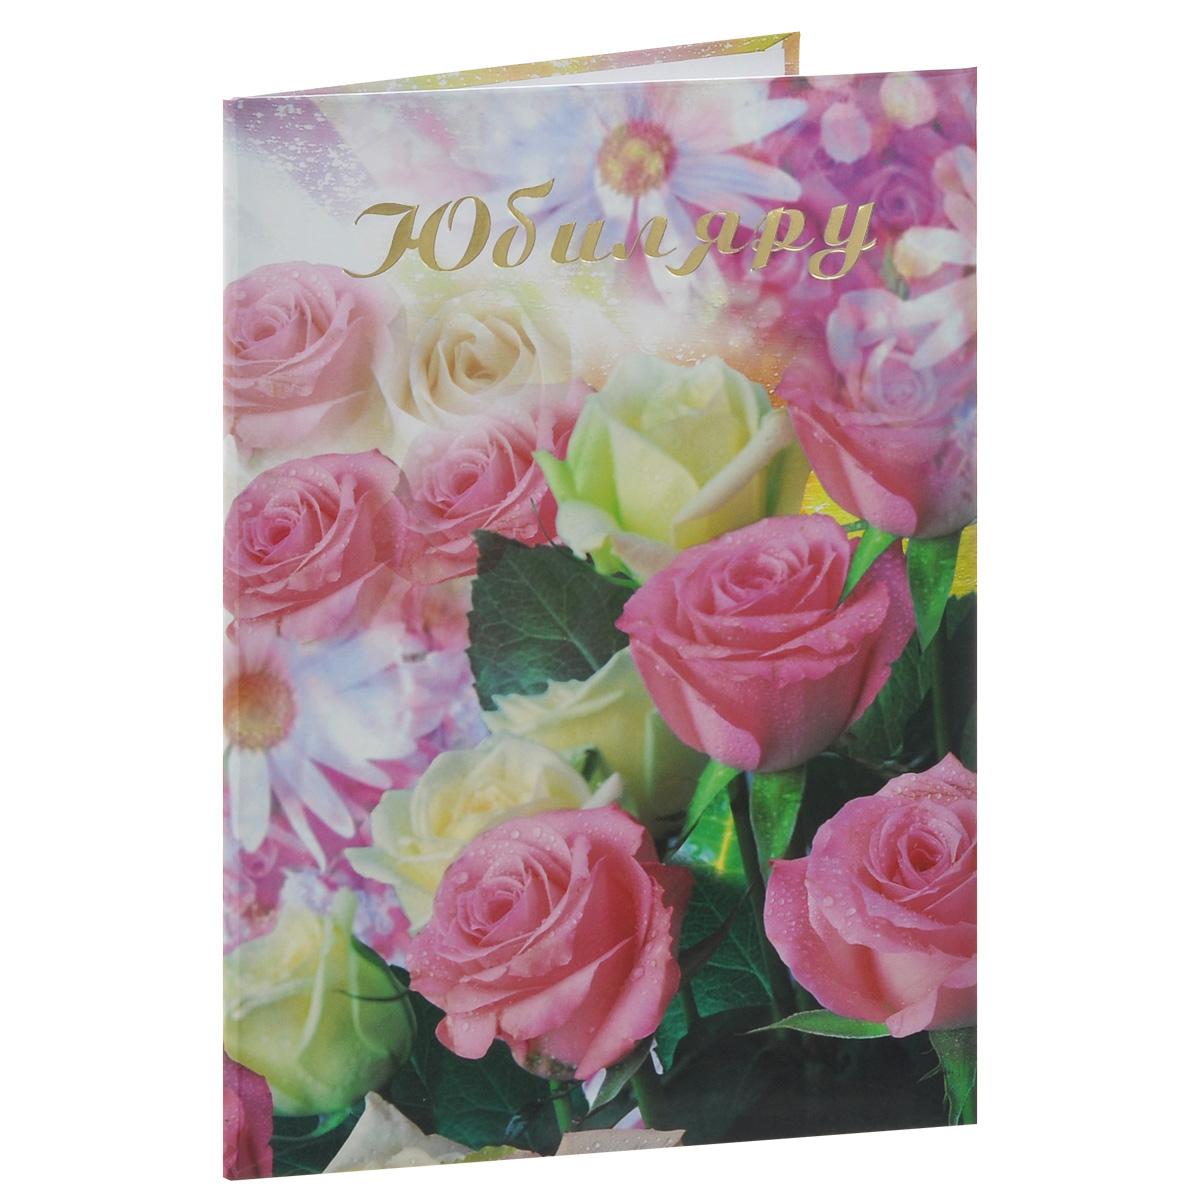 Папка адресная Юбиляру. Розы, формат А4АП4-09-038Адресная папка Юбиляру. Розы станет прекрасным дополнением к подарку на юбилей. Папка выполнена из плотного ламинированного картона с поролоновой подложкой. На красочной обложке расположена надпись Юбиляру, нанесенная методом тиснения импортной фольгой. Внутренние форзацы выполнены из плотной бумаги белого цвета. Для закрепления вкладыша предусмотрена лента-фиксатор.